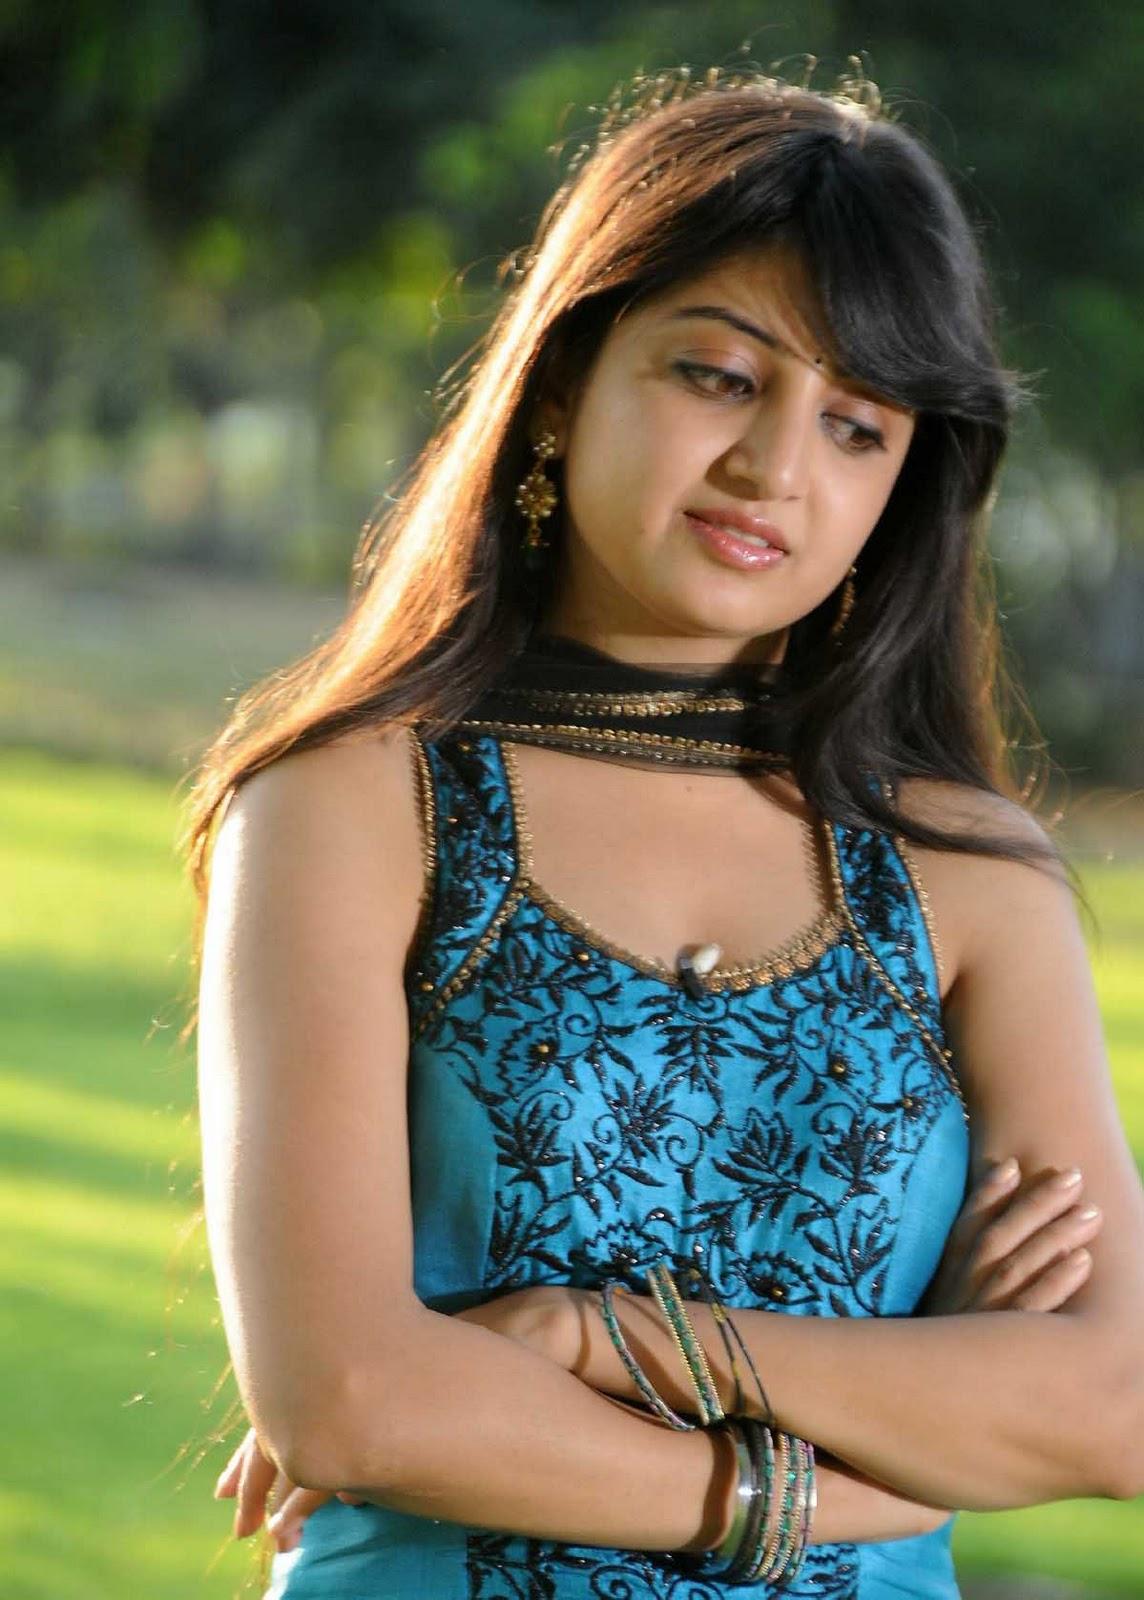 Desi indian tamil telugu kannada malayalam hindi horny cheating wife vanitharavei today i am very horny so i fuck banana with condom - 1 7